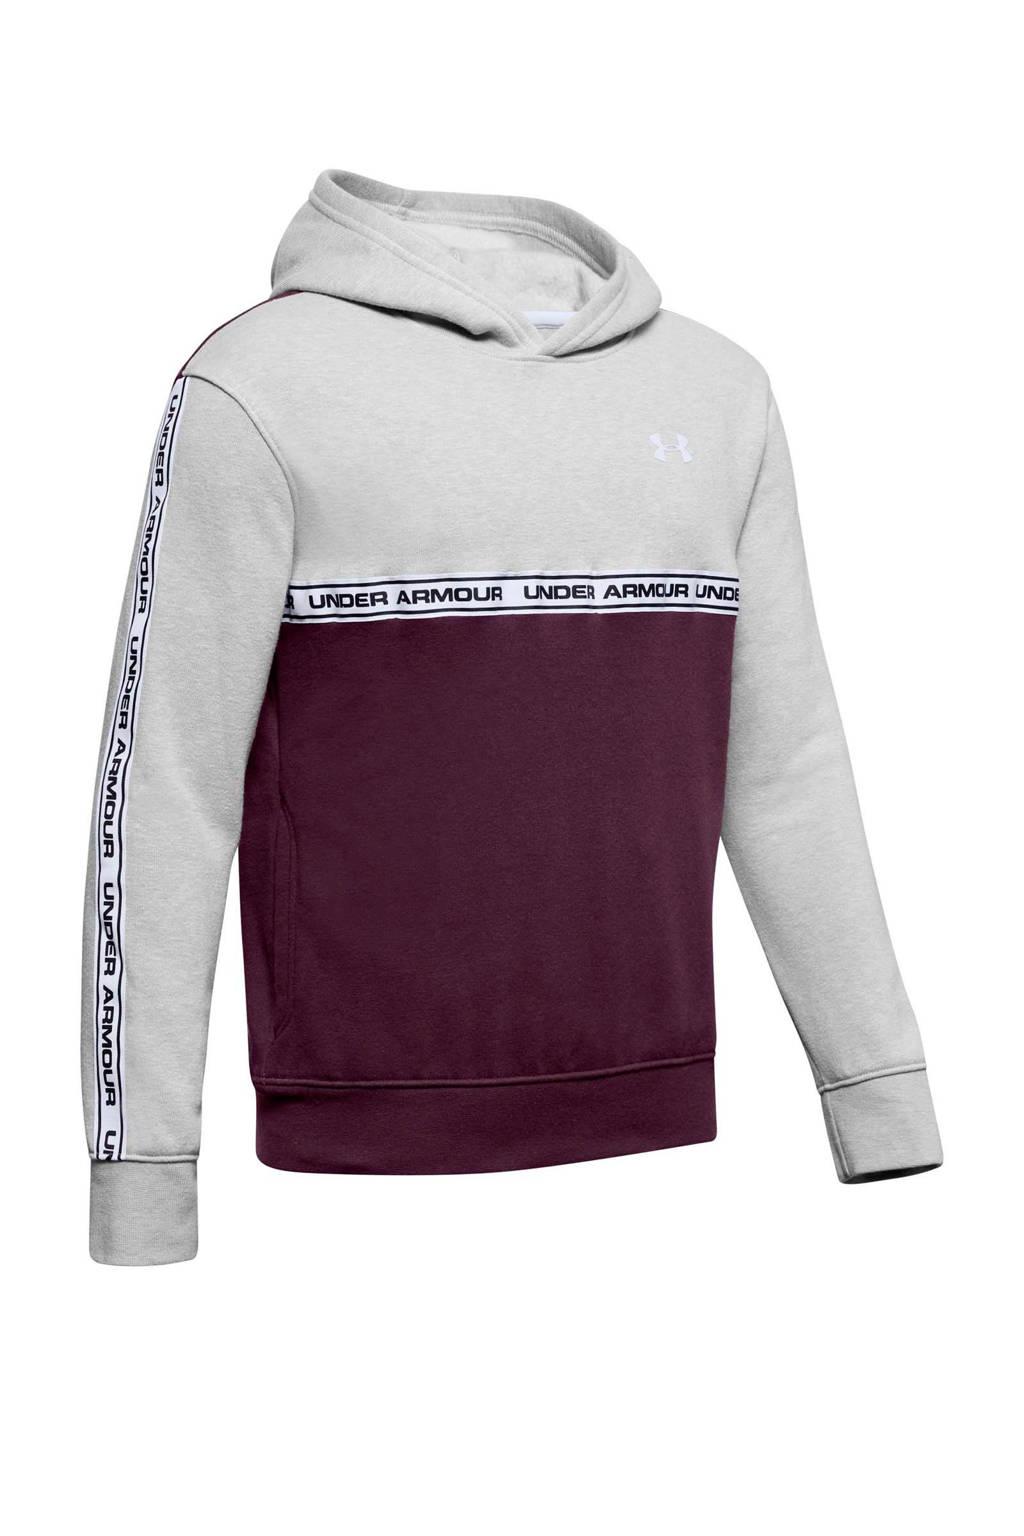 Under Armour   hoodie grijs/bordeauxrood, Grijs/bordeauxrood